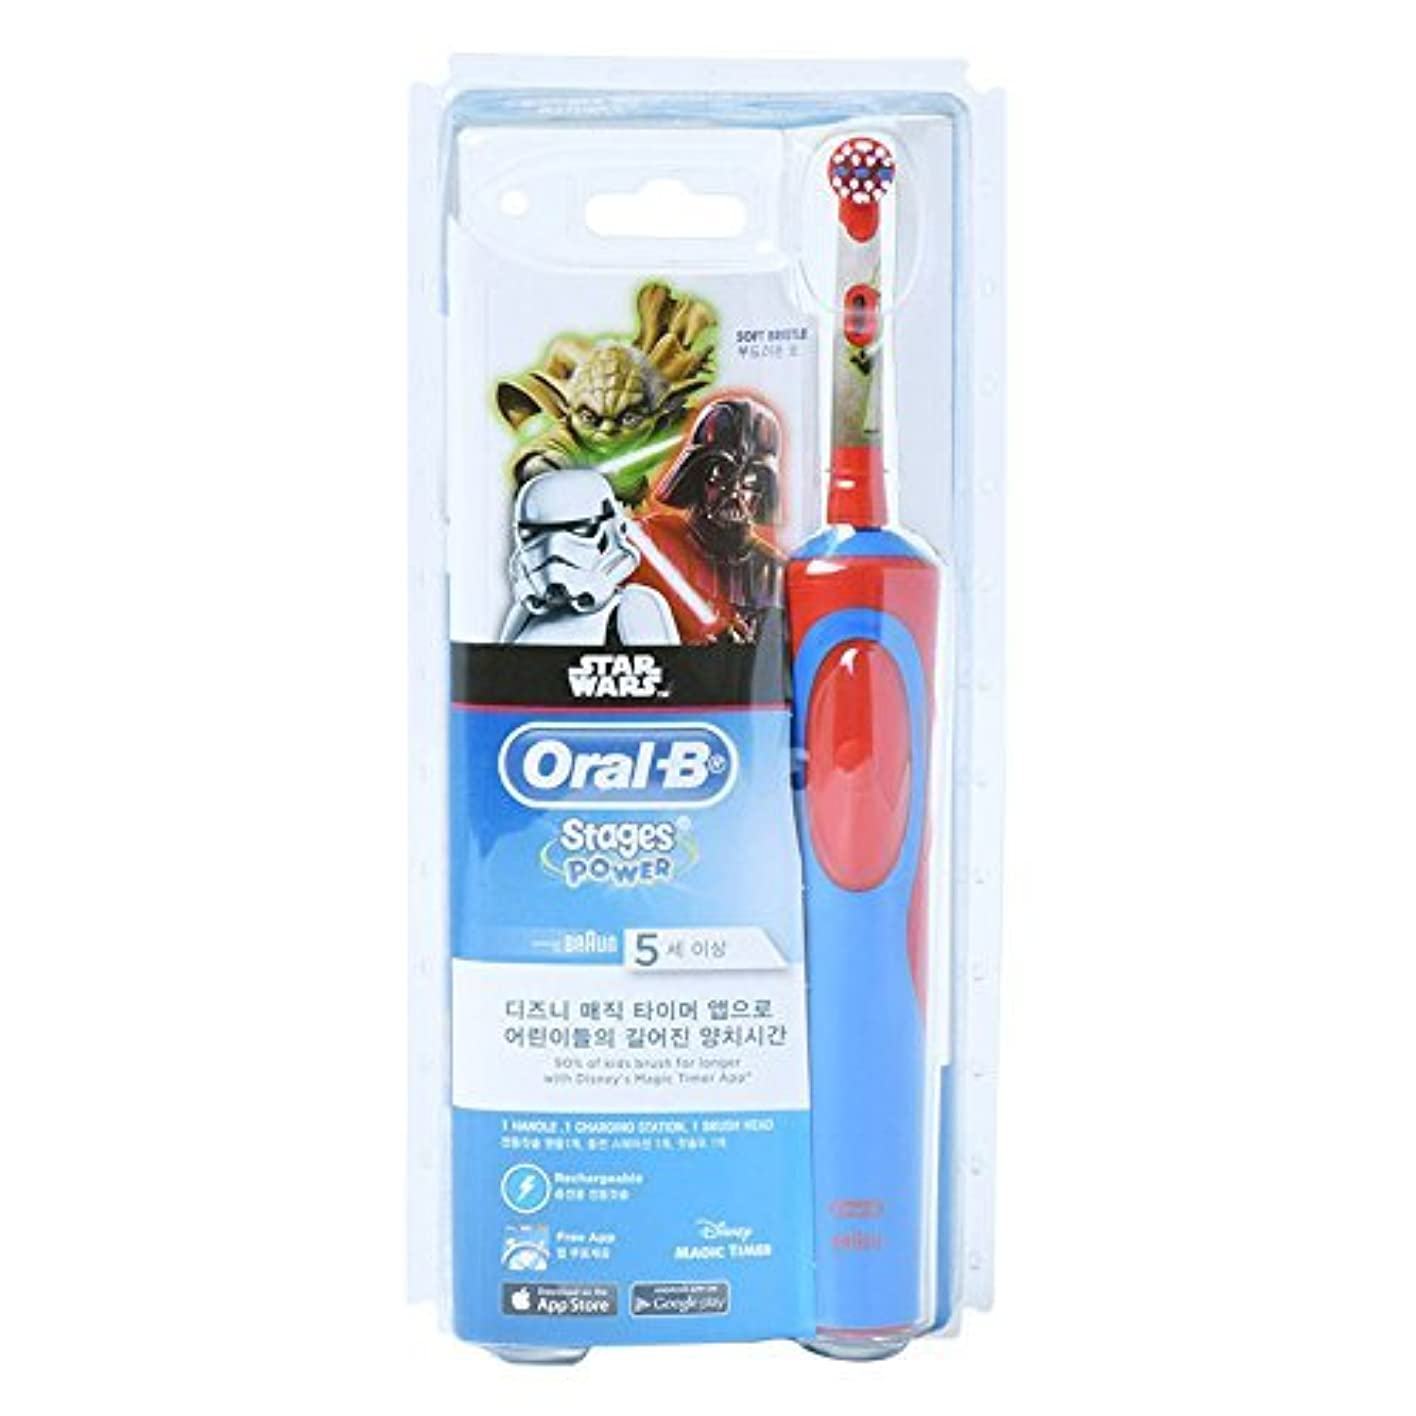 活気づける平手打ちワーカーBraun Oral-B D12.513K STAR WARS 子供専用電動歯ブラシ220V [並行輸入品]